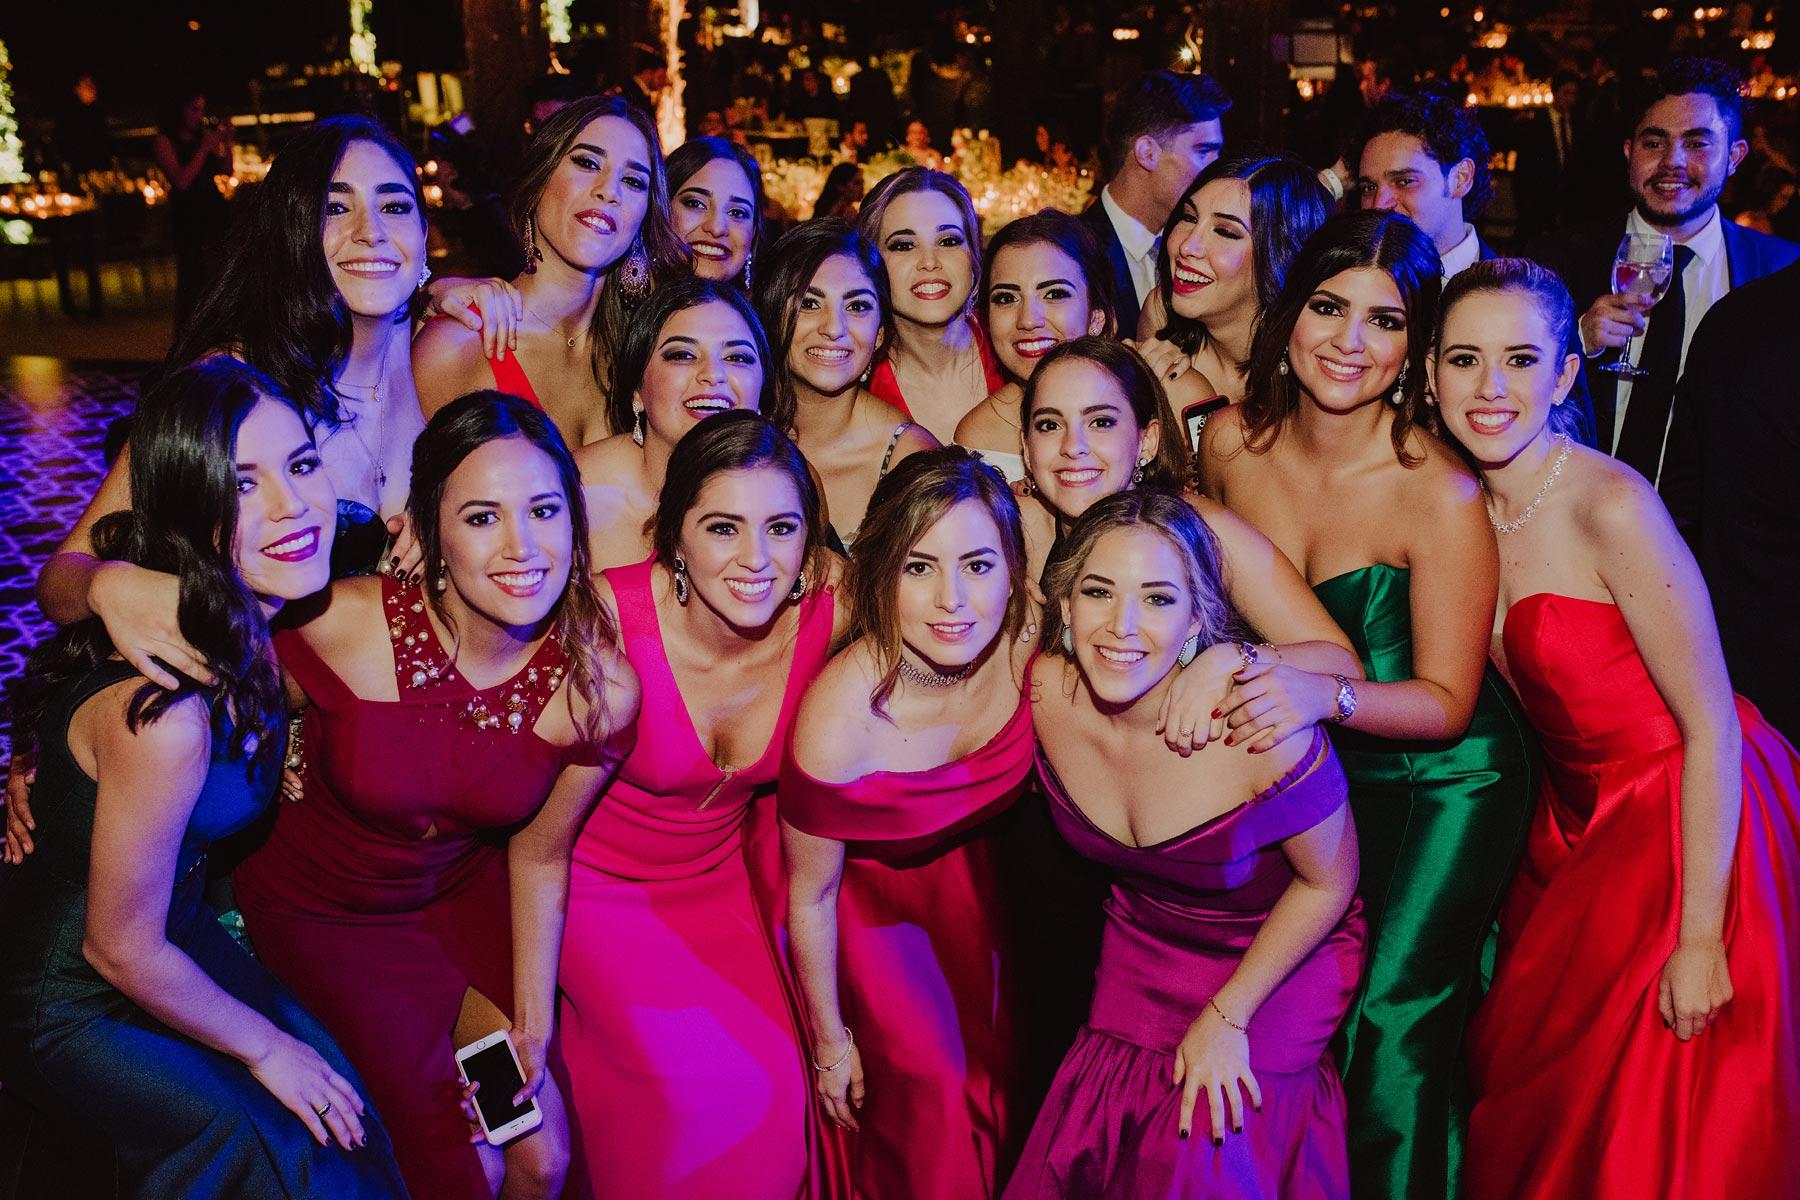 fotografo-bodas-mazatlan-31